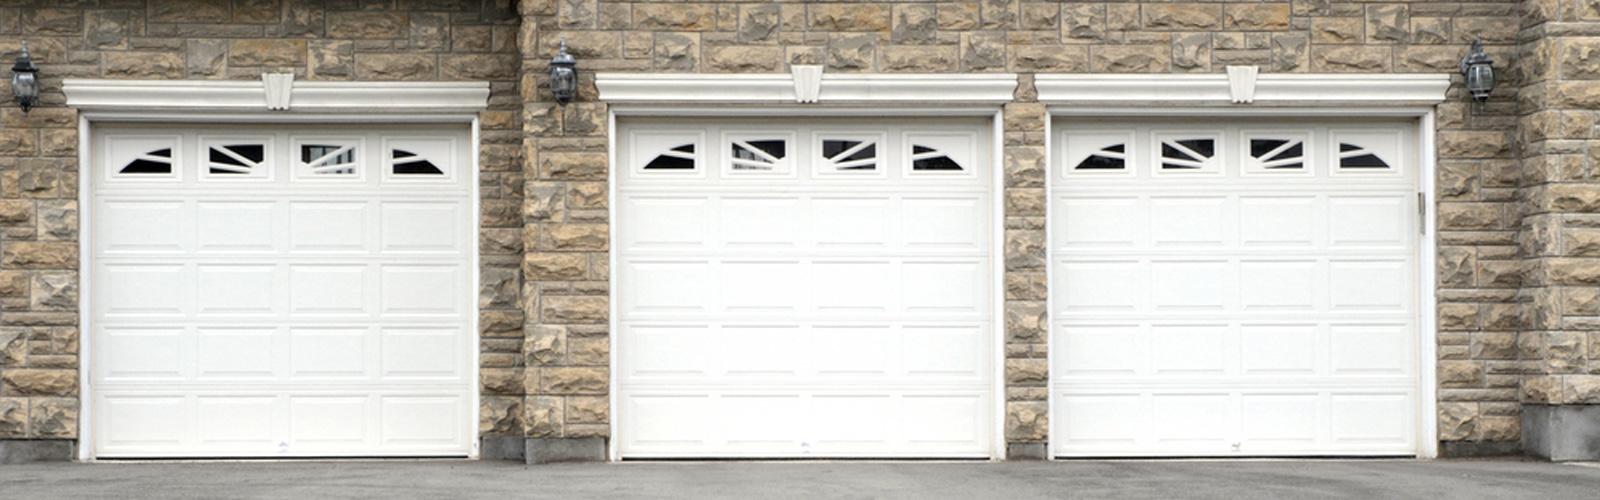 garage door repair renton igd call 425 533 0350